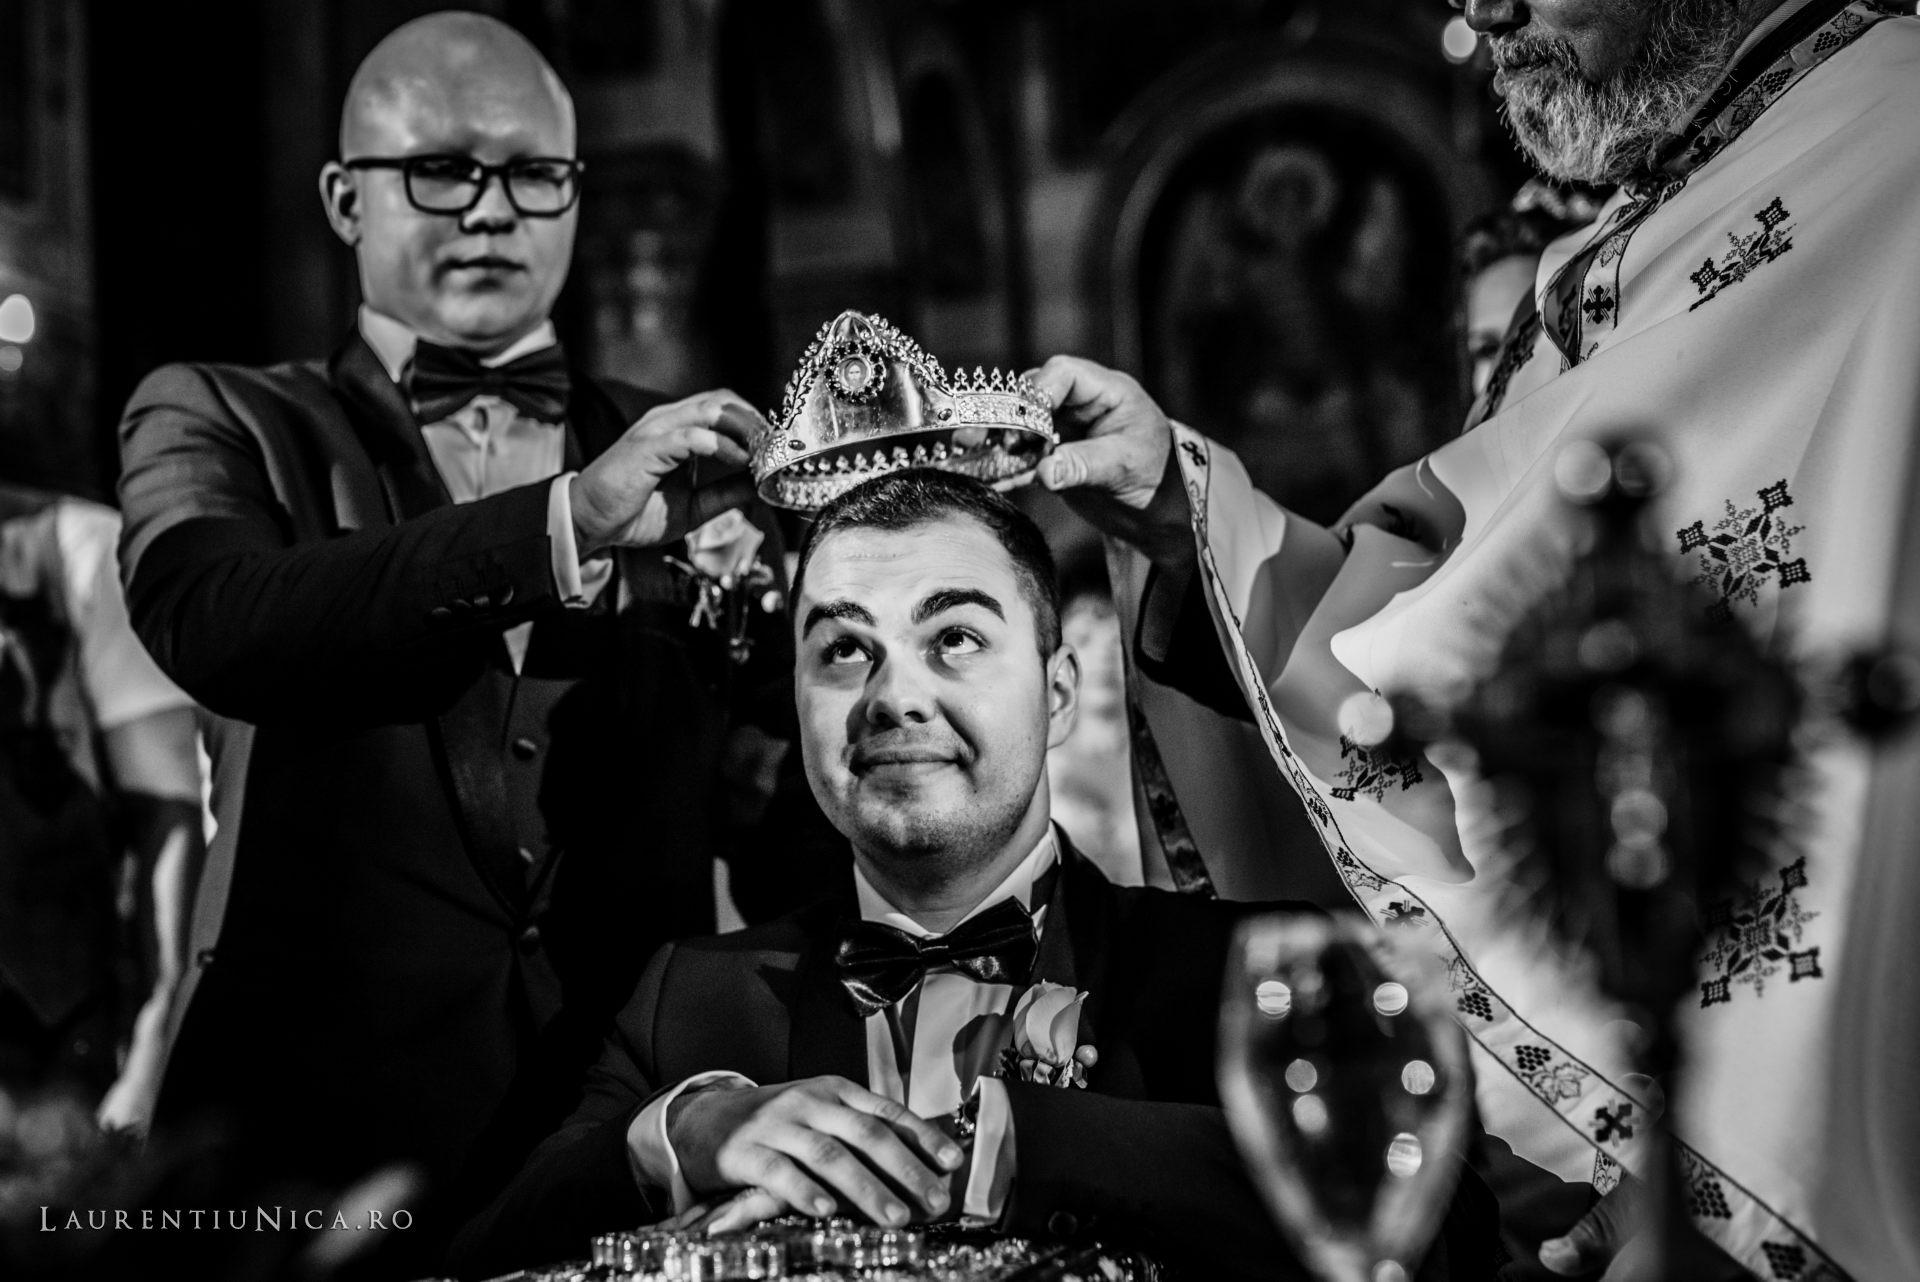 denisa si catalin fotograf nunta laurentiu nica craiova 49 - Denisa si Catalin | Fotografii nunta | Craiova